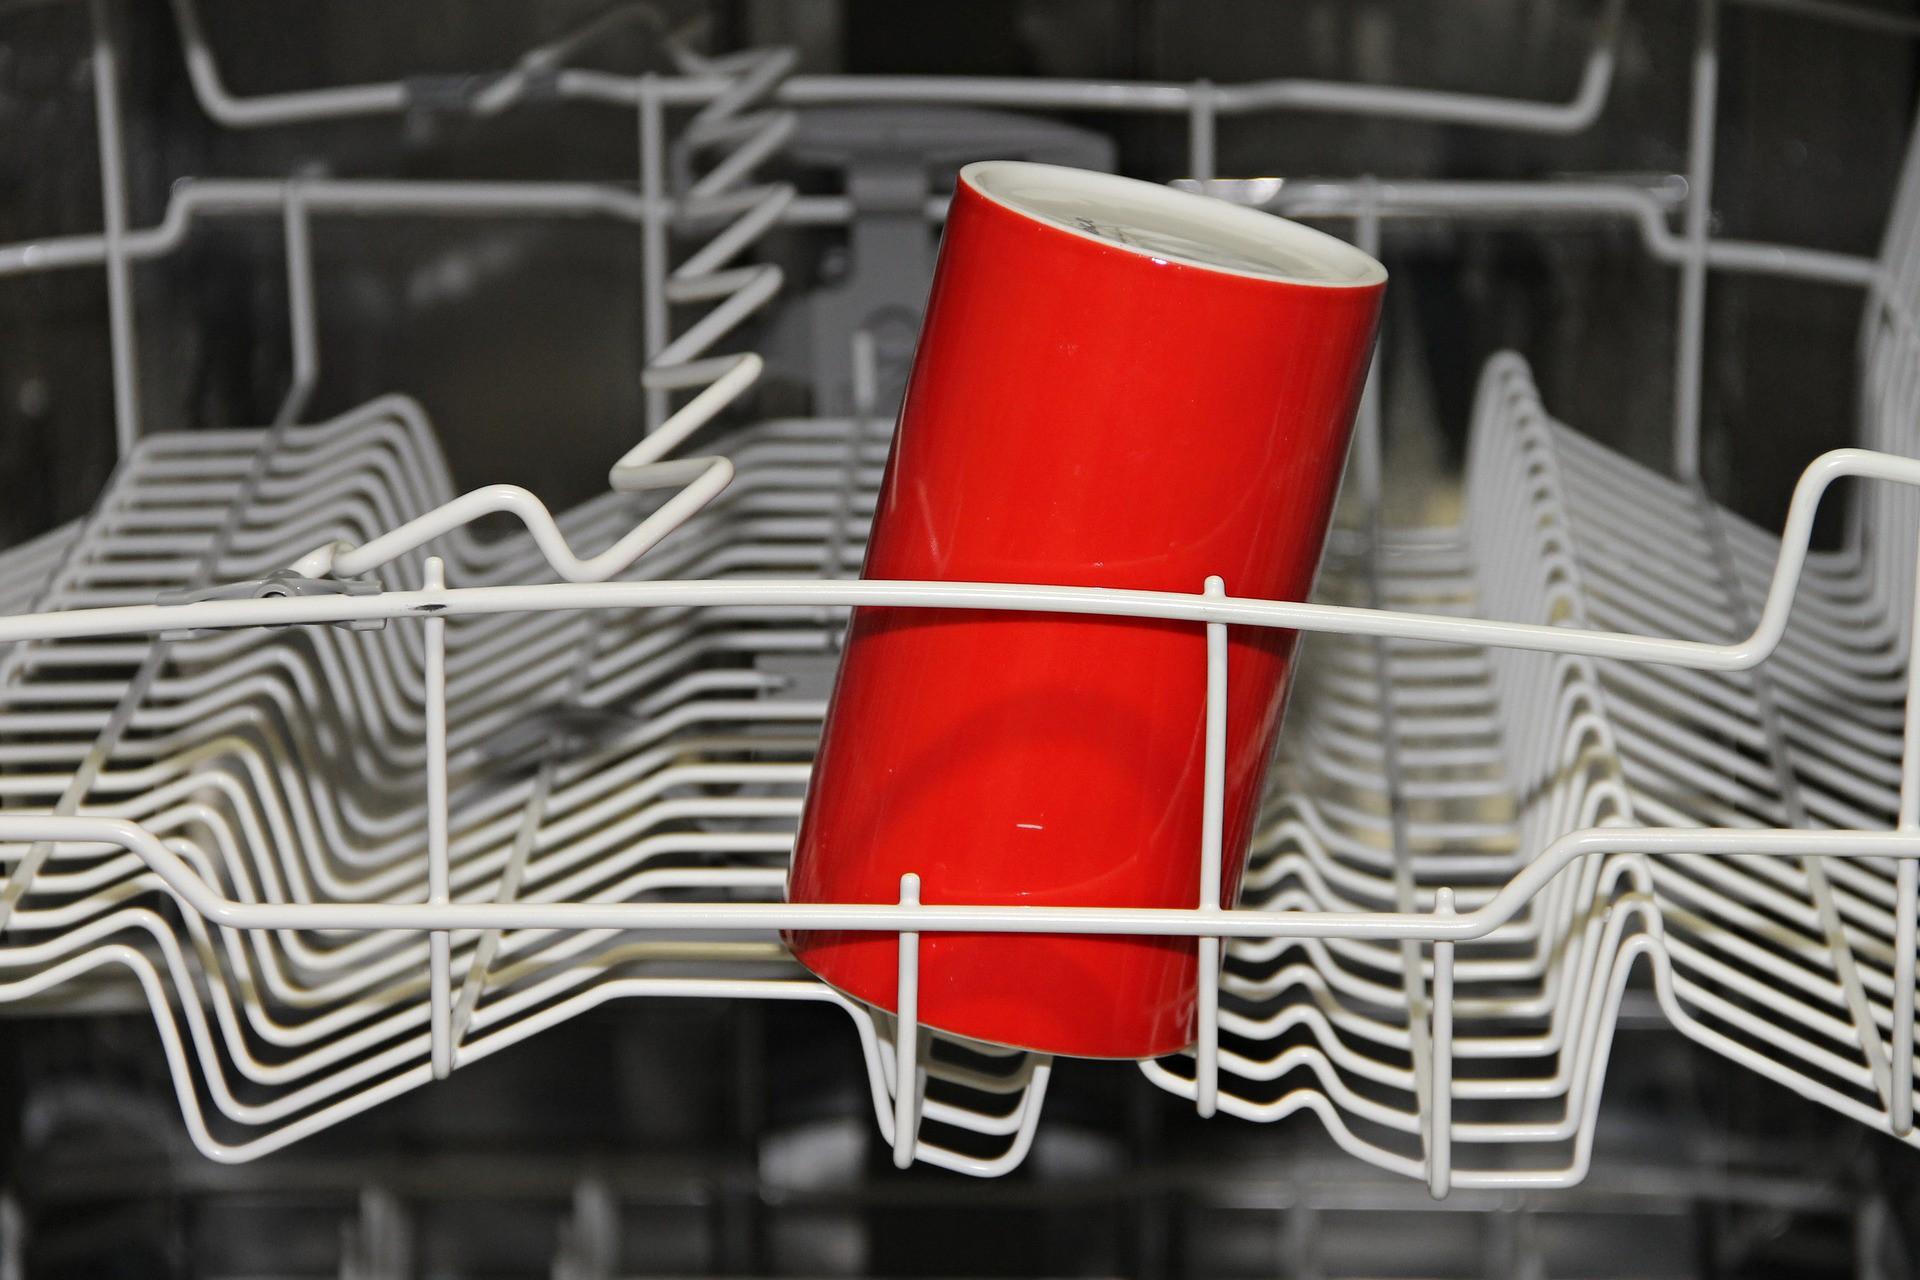 Đây là tần suất bạn nên dọn dẹp mọi không gian, bề mặt và vật dụng trong nhà - Ảnh 6.